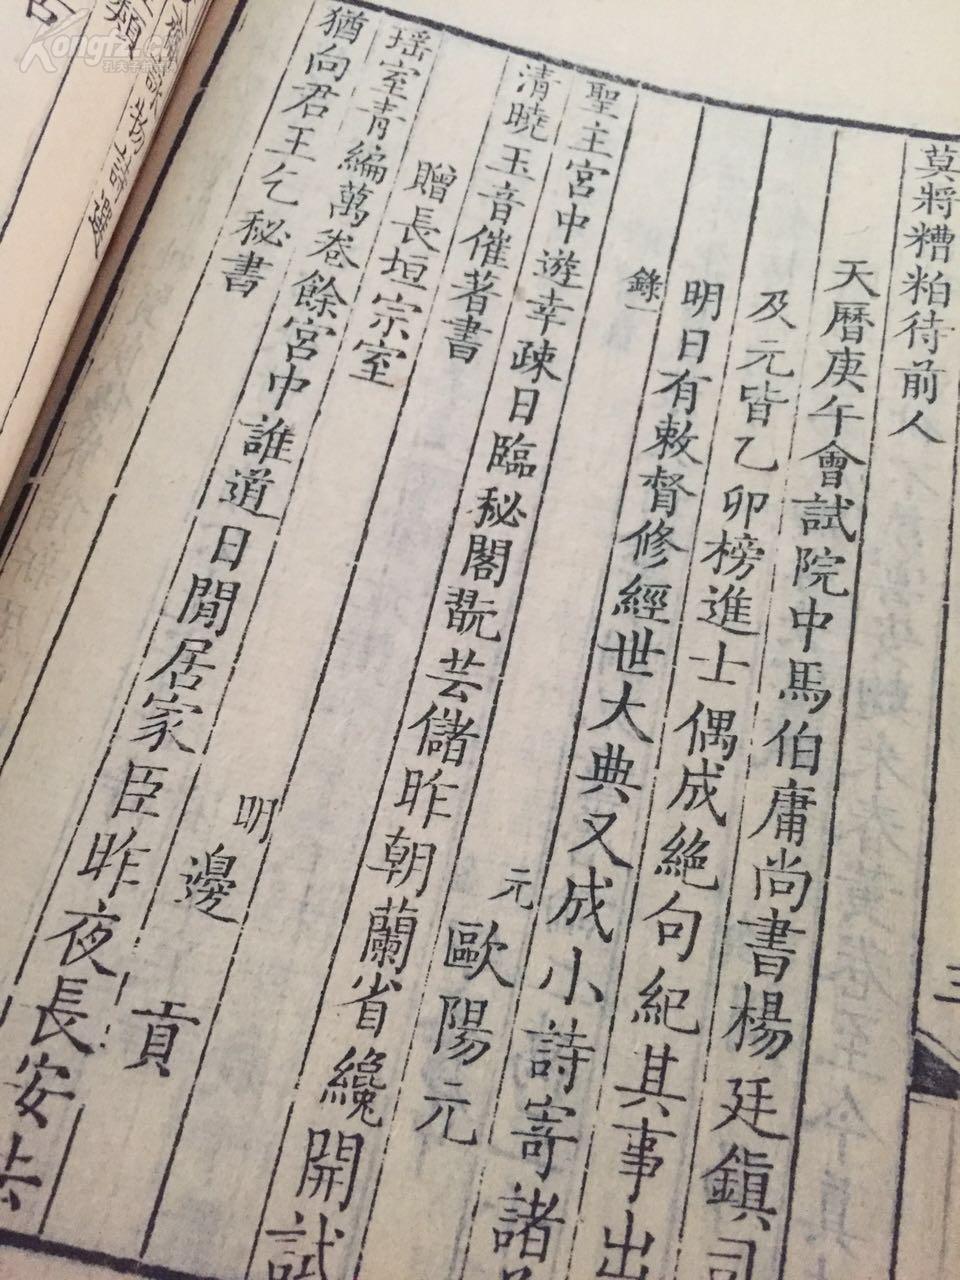 清康熙武英殿精写刻本 4厚册,全书手写上板,版式疏朗 正文清晰雅致,赏心悦目